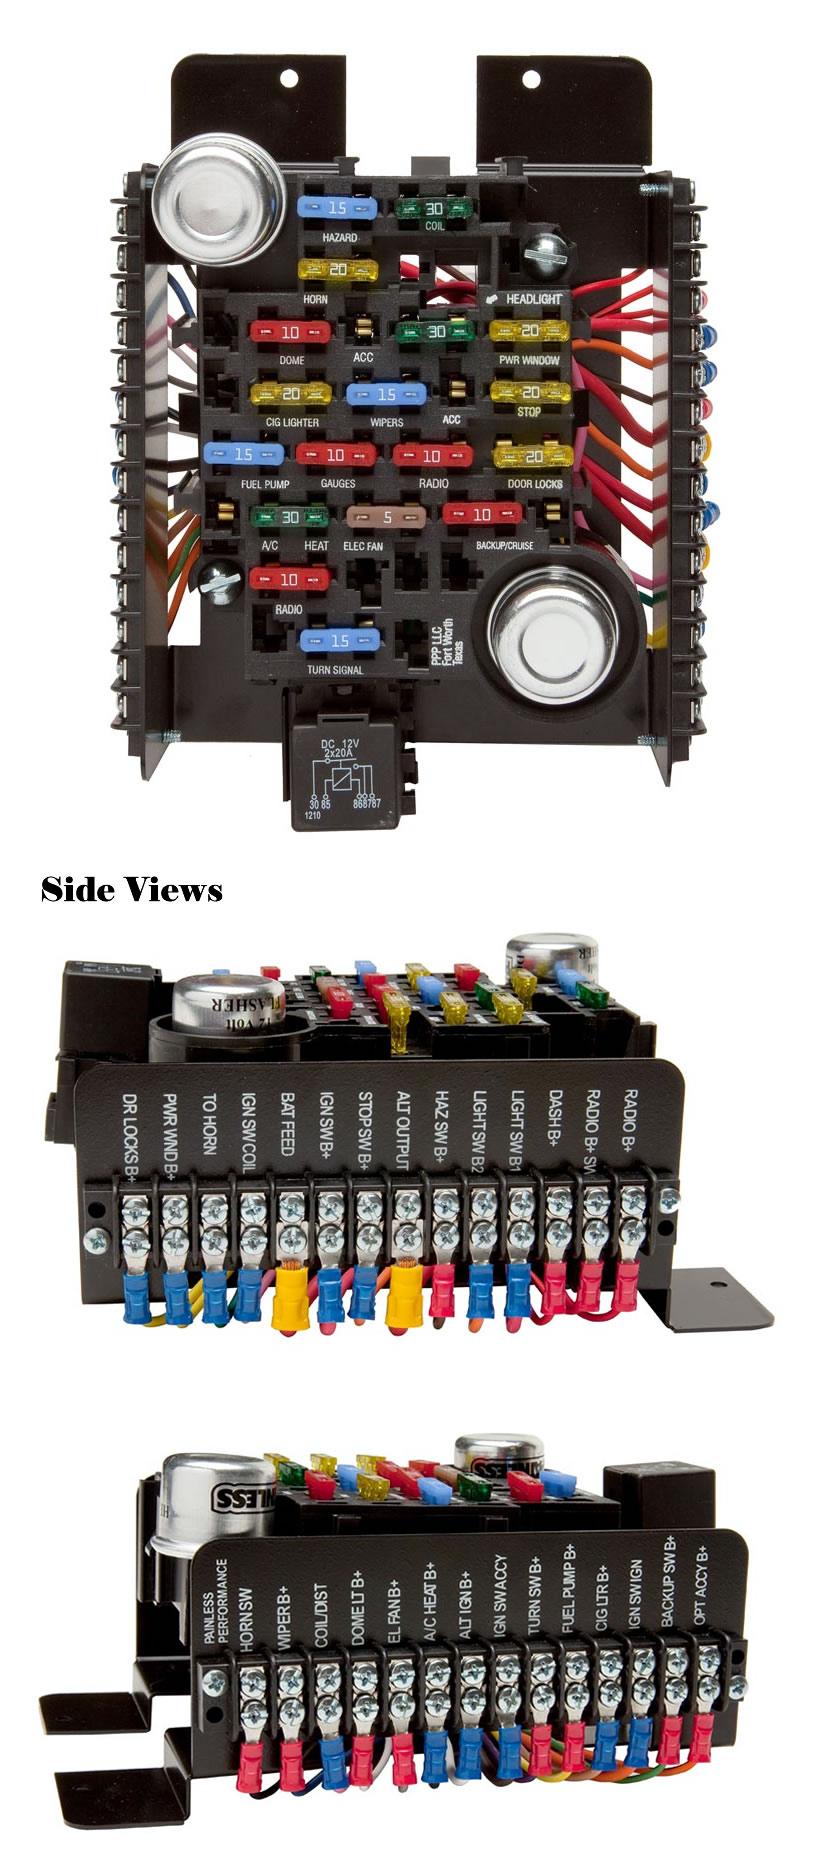 Painless Wiring Diagram - Wiring Diagram 500 on painless wiring kits, painless wiring systems, painless wiring for 68 camaro, painless 5 3 harness, painless wiring 81, painless wiring tool,